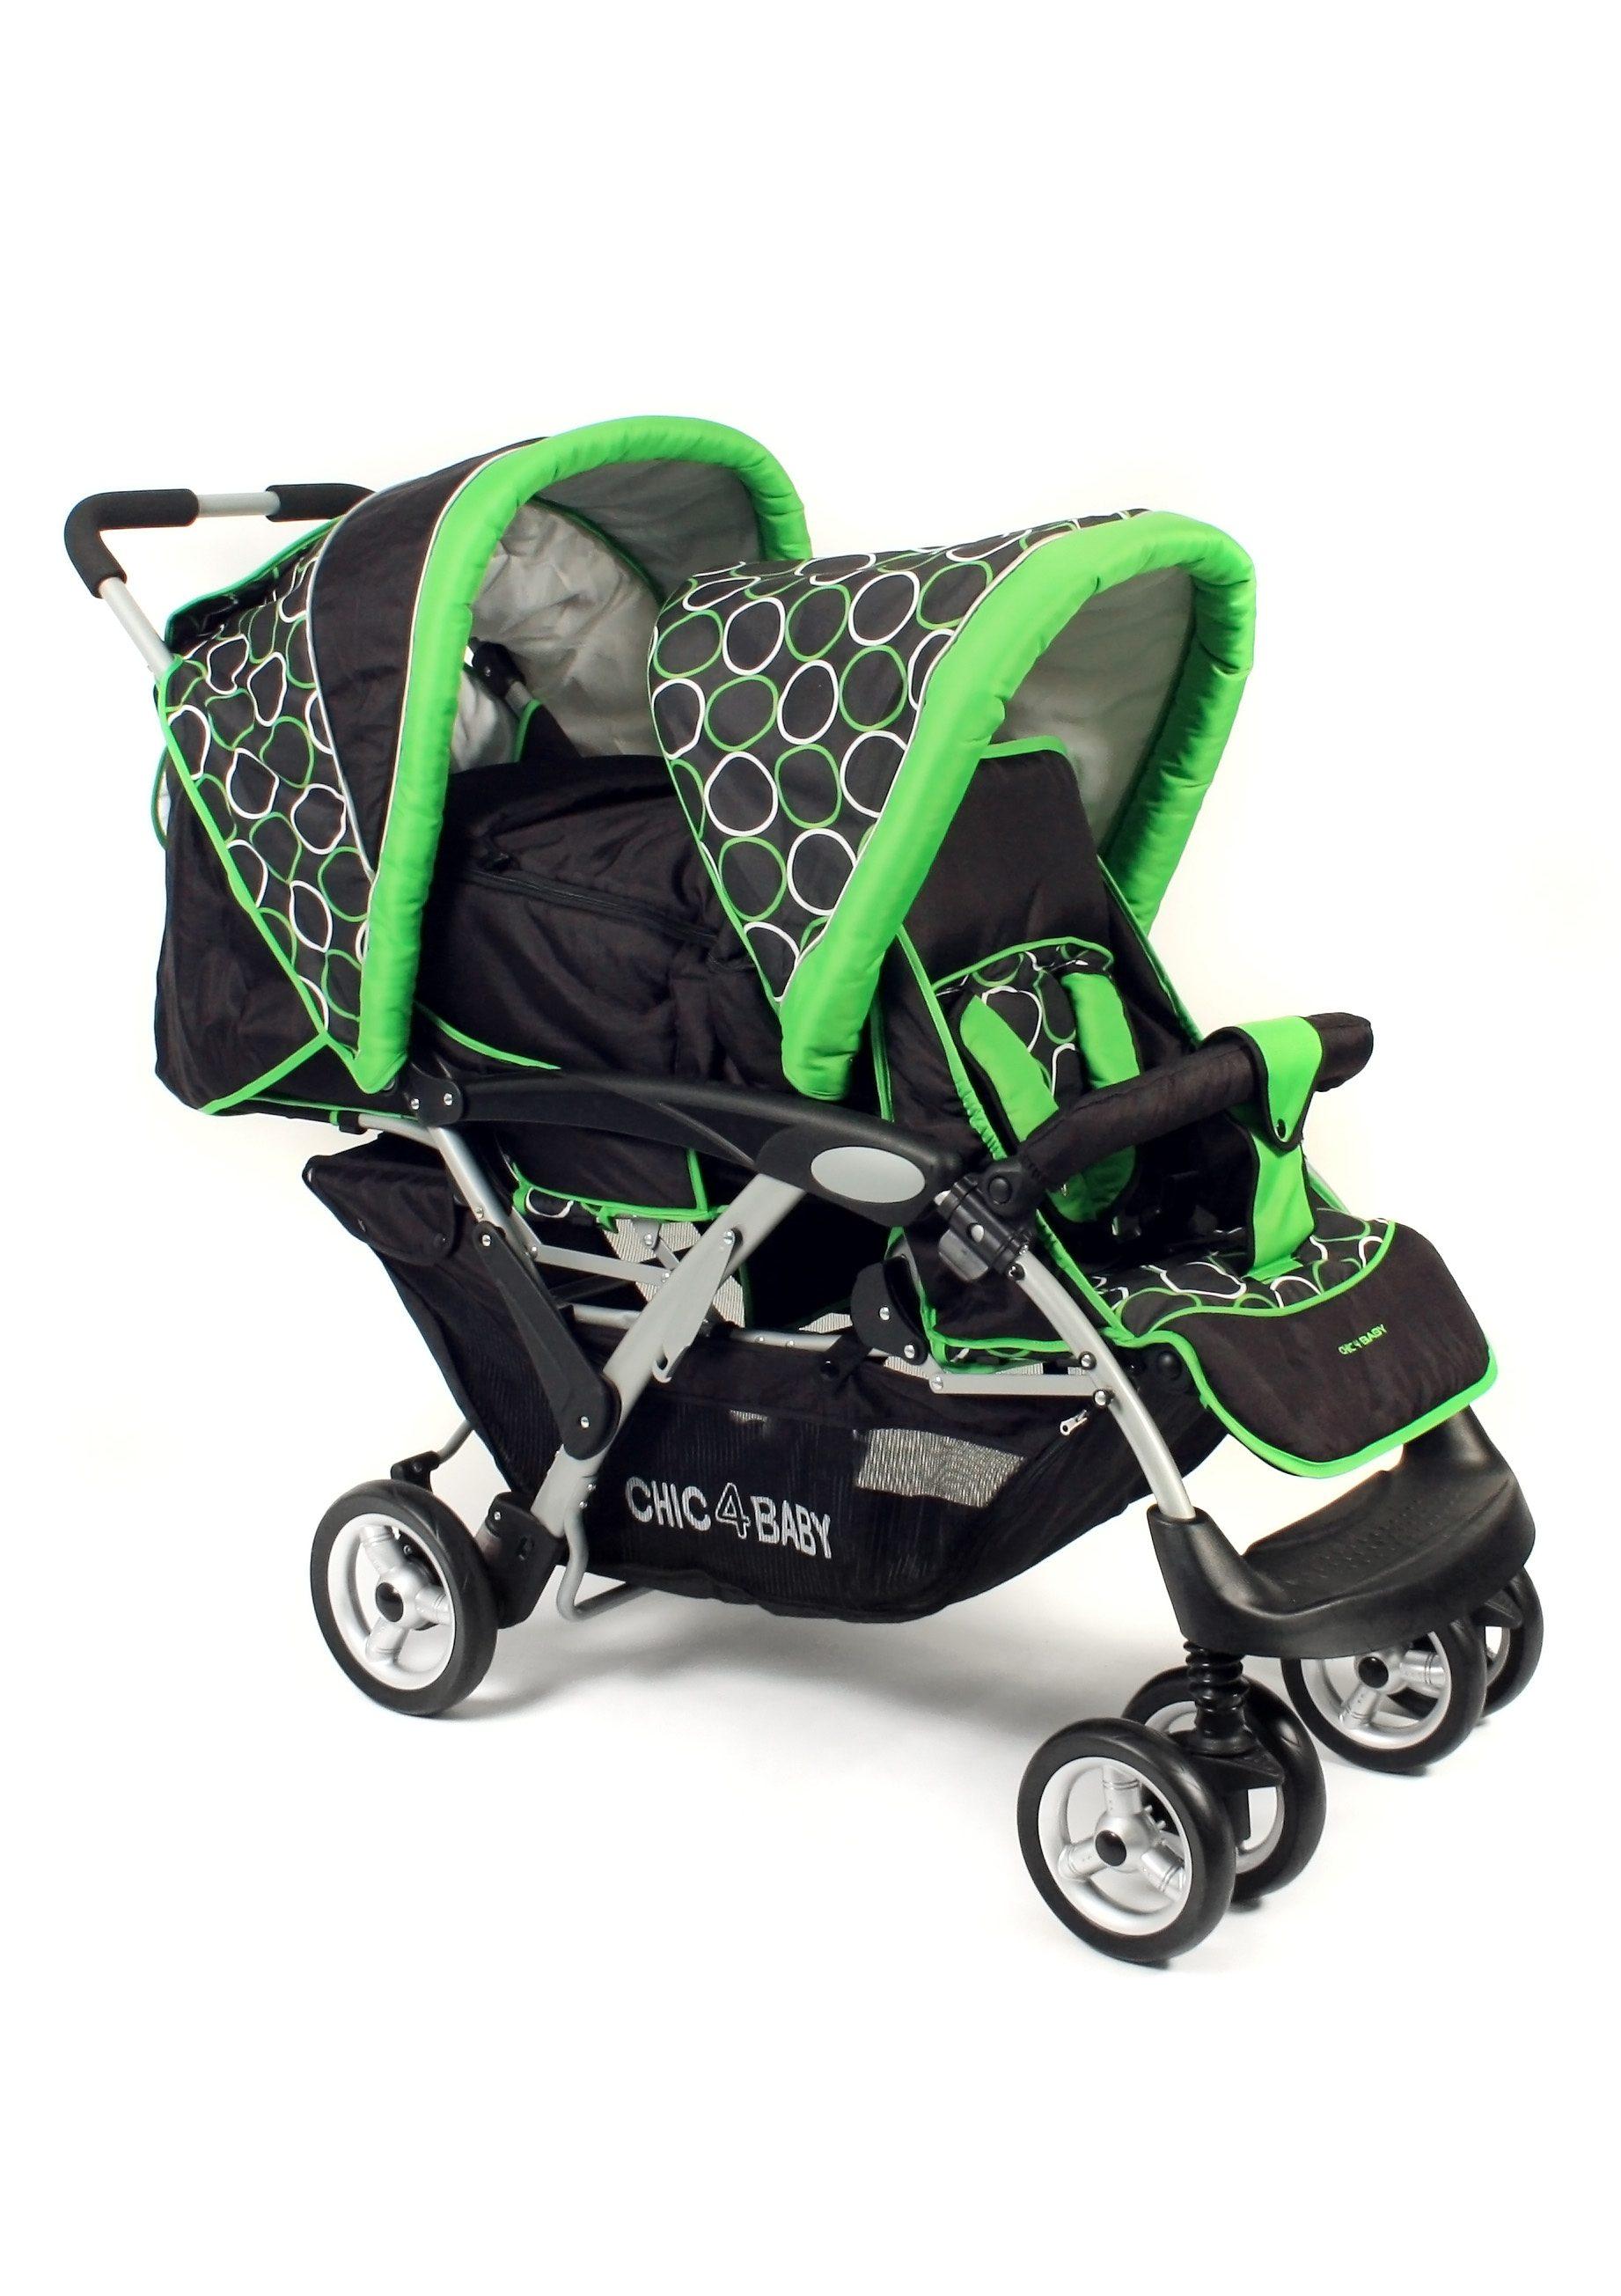 CHIC4BABY, Geschwister-Kinderwagen »Duo, Orbit green«